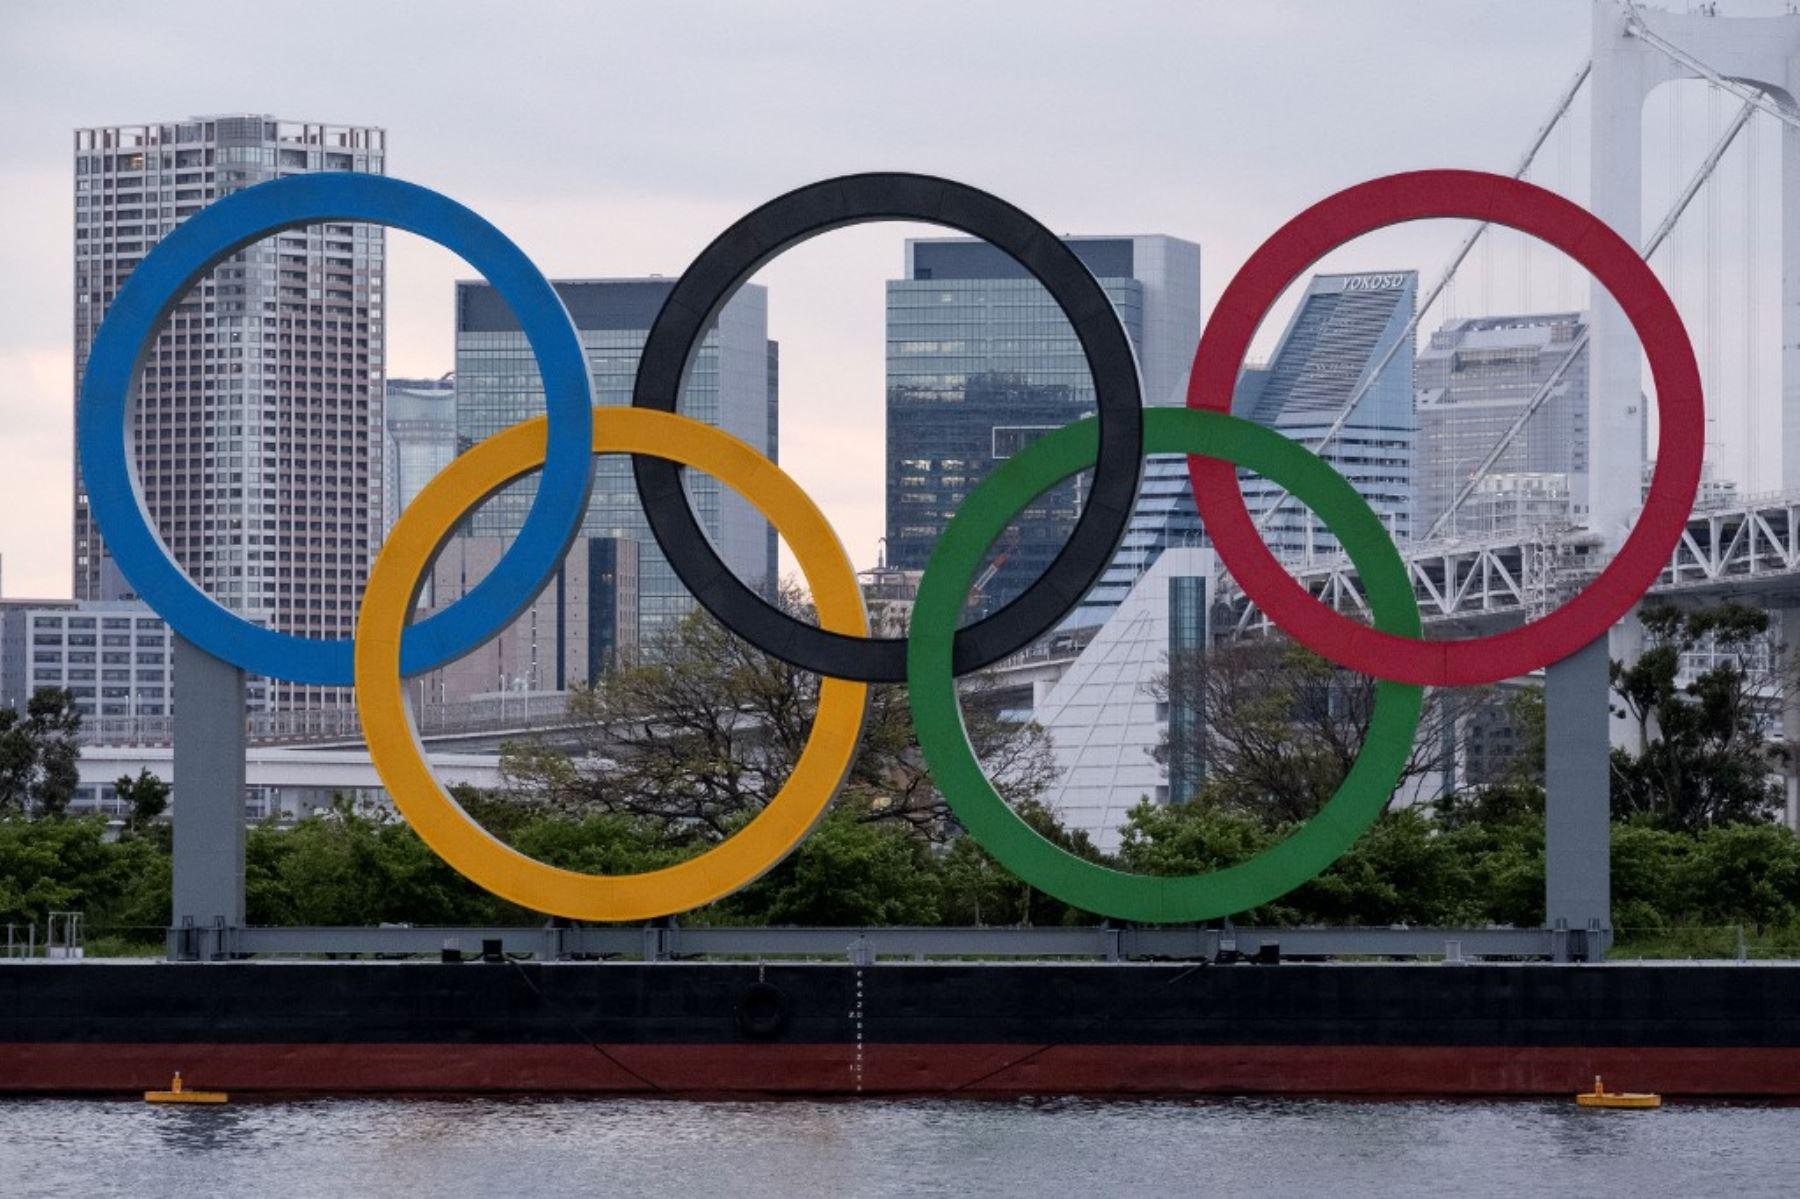 El Comité Olímpico Internacional respeta ausencia de público en Juegos de Tokio